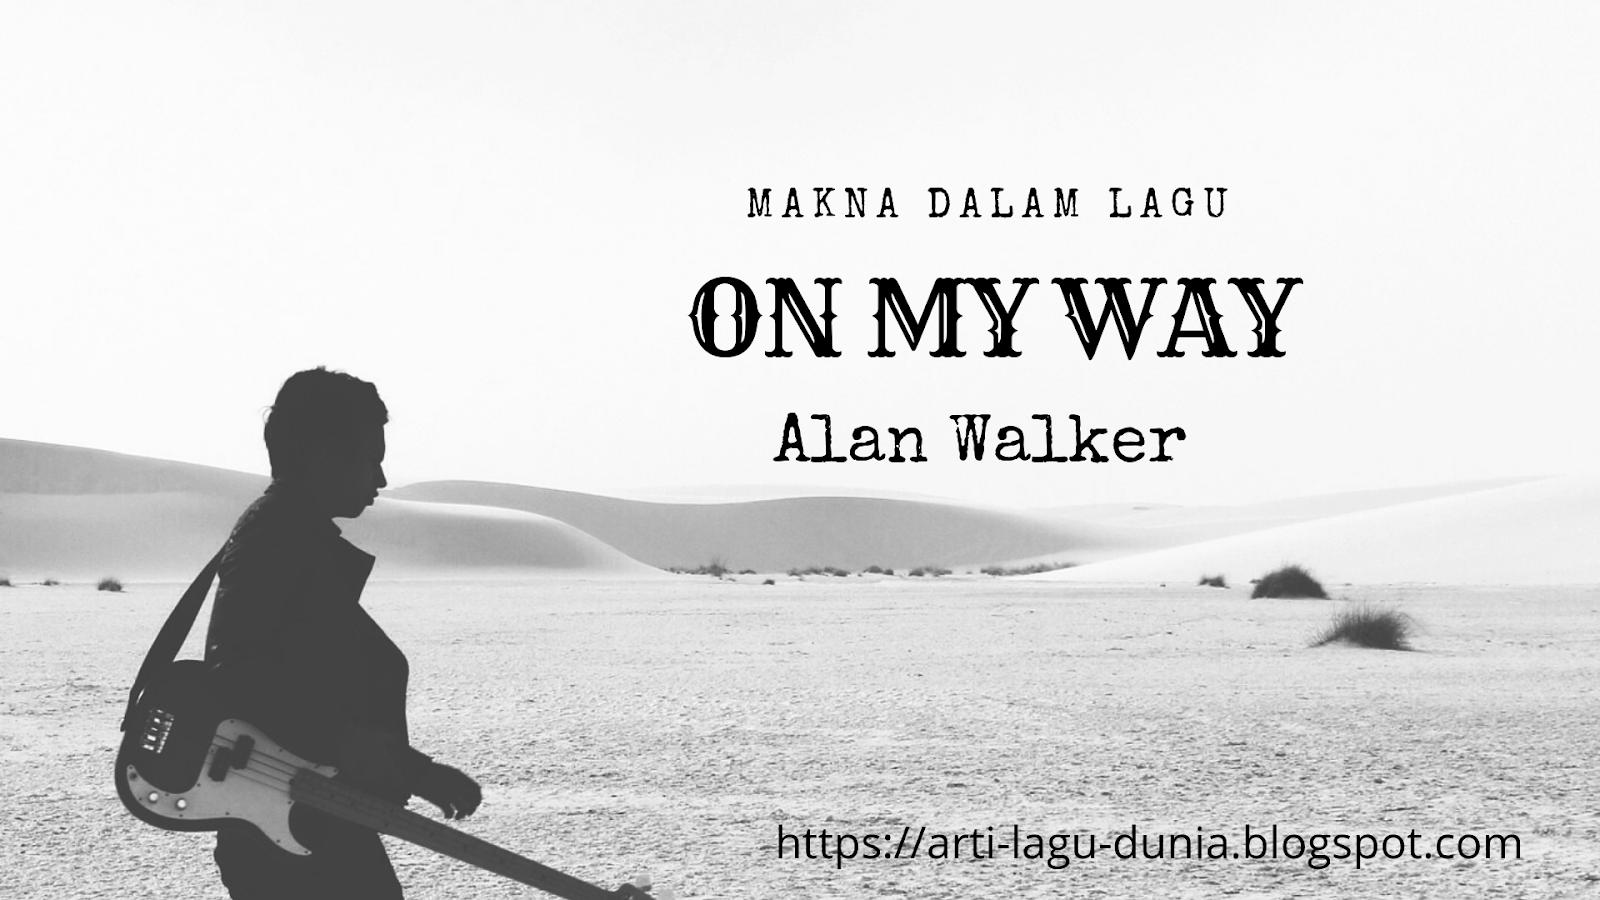 Lirik dan terjemah lagu on my way alan walker chord